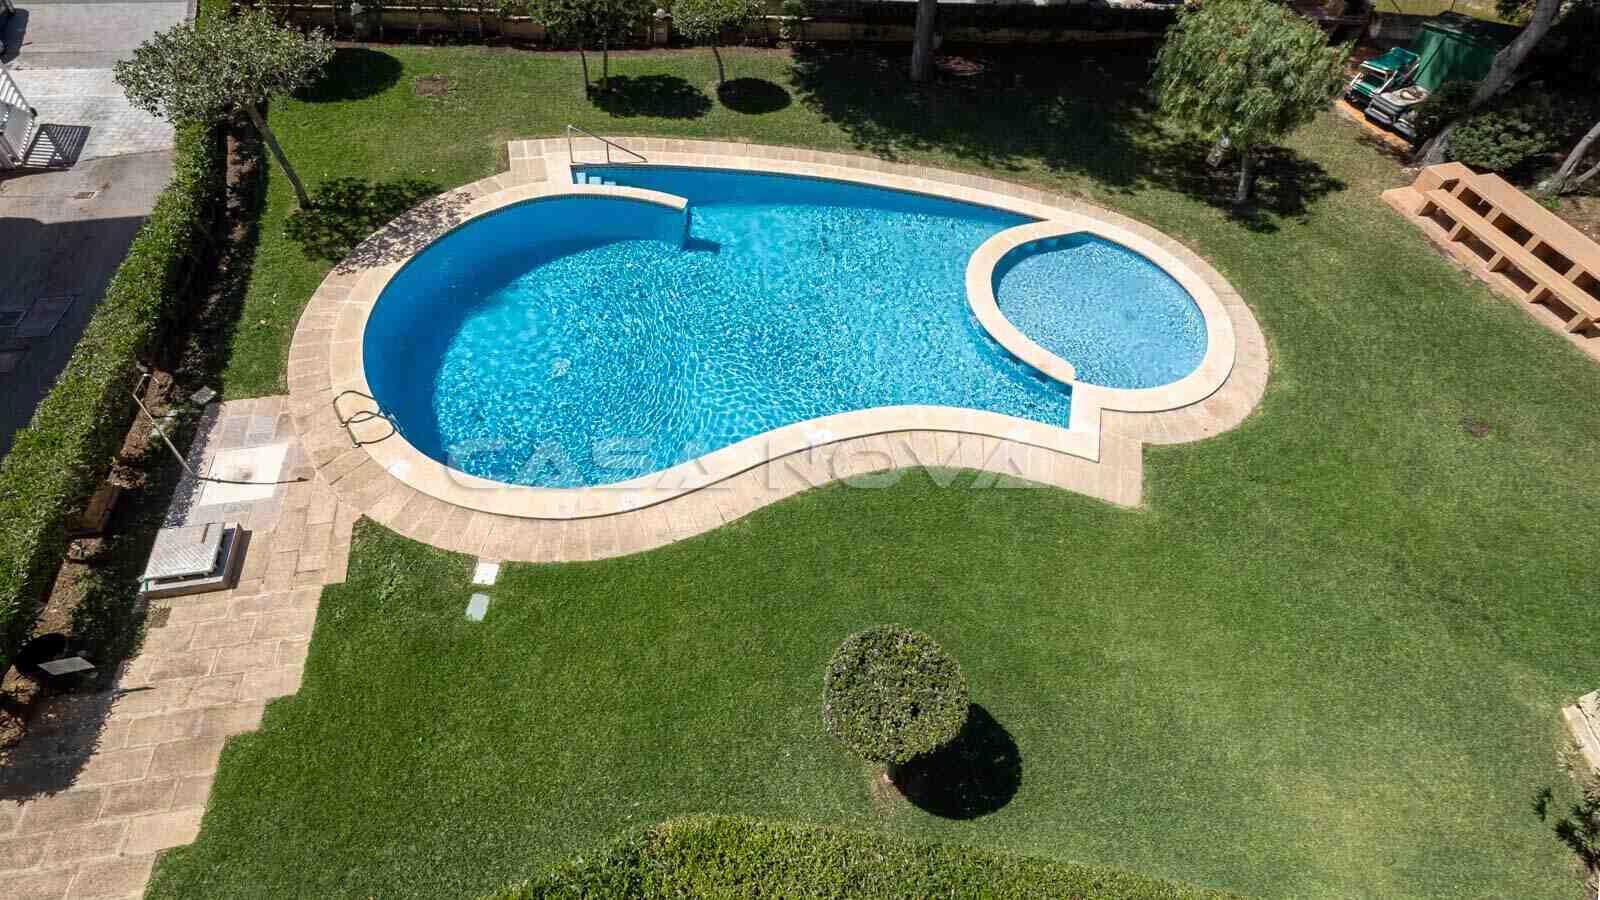 Blick von der Terrasse auf die Garten- und Poollandschaft